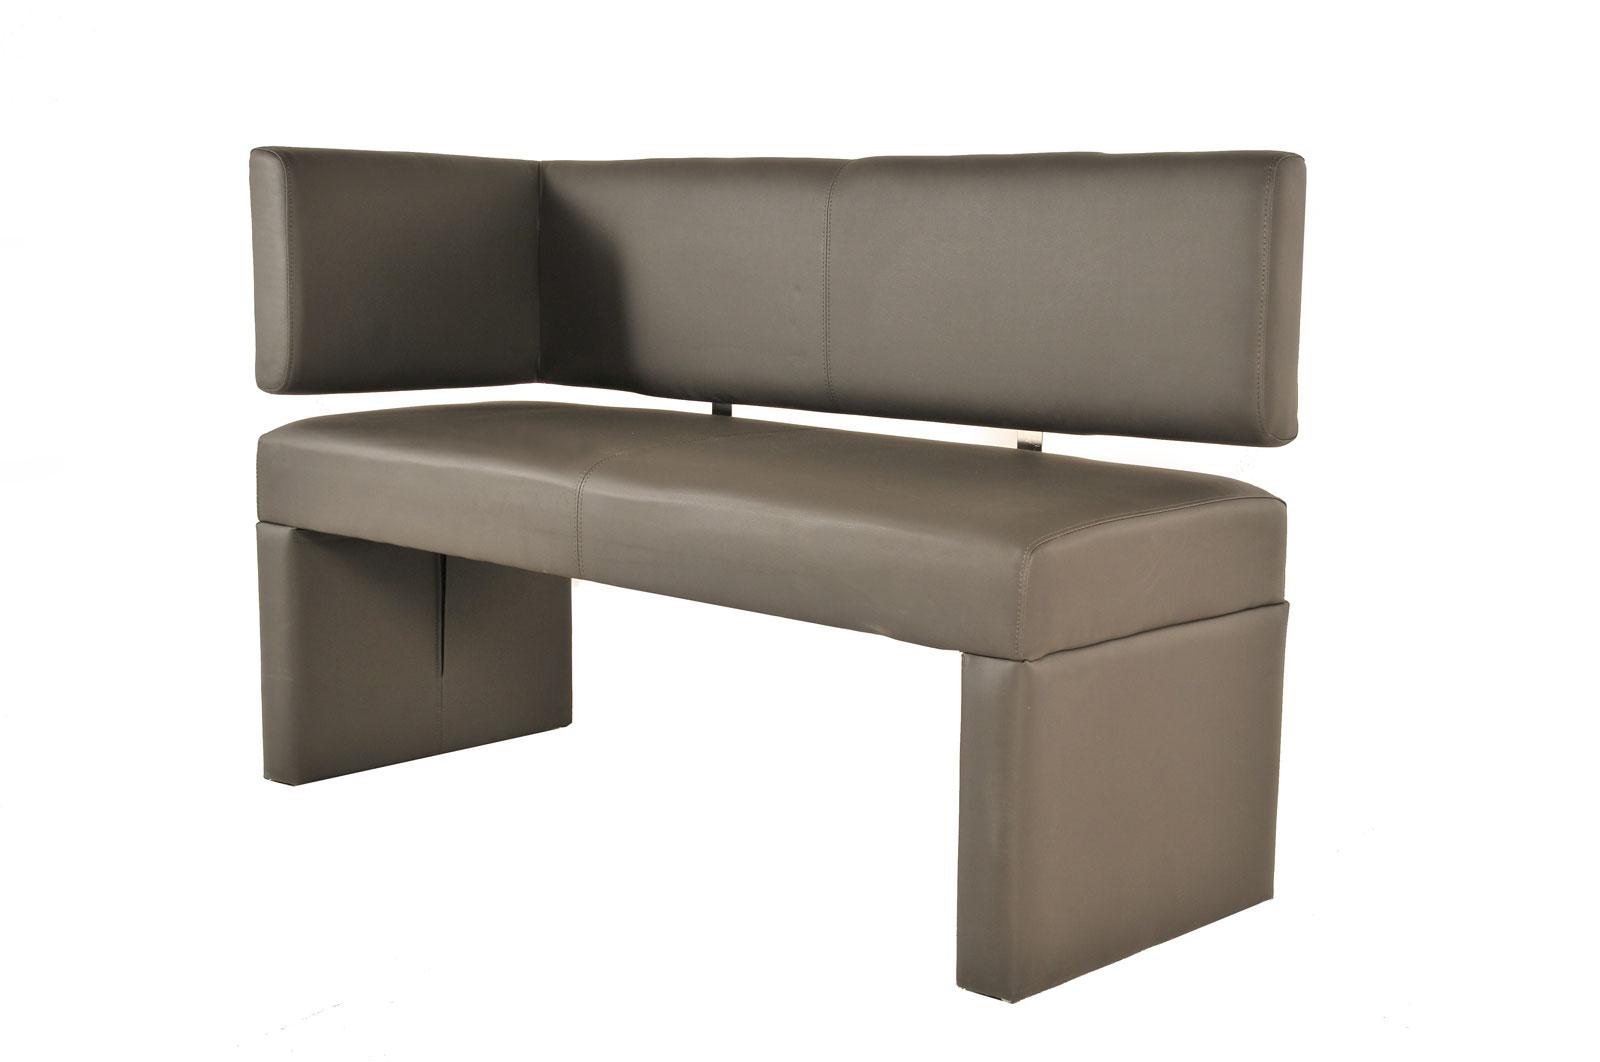 sam ottomane recyceltes leder 170 cm muddy lasina auf lager. Black Bedroom Furniture Sets. Home Design Ideas